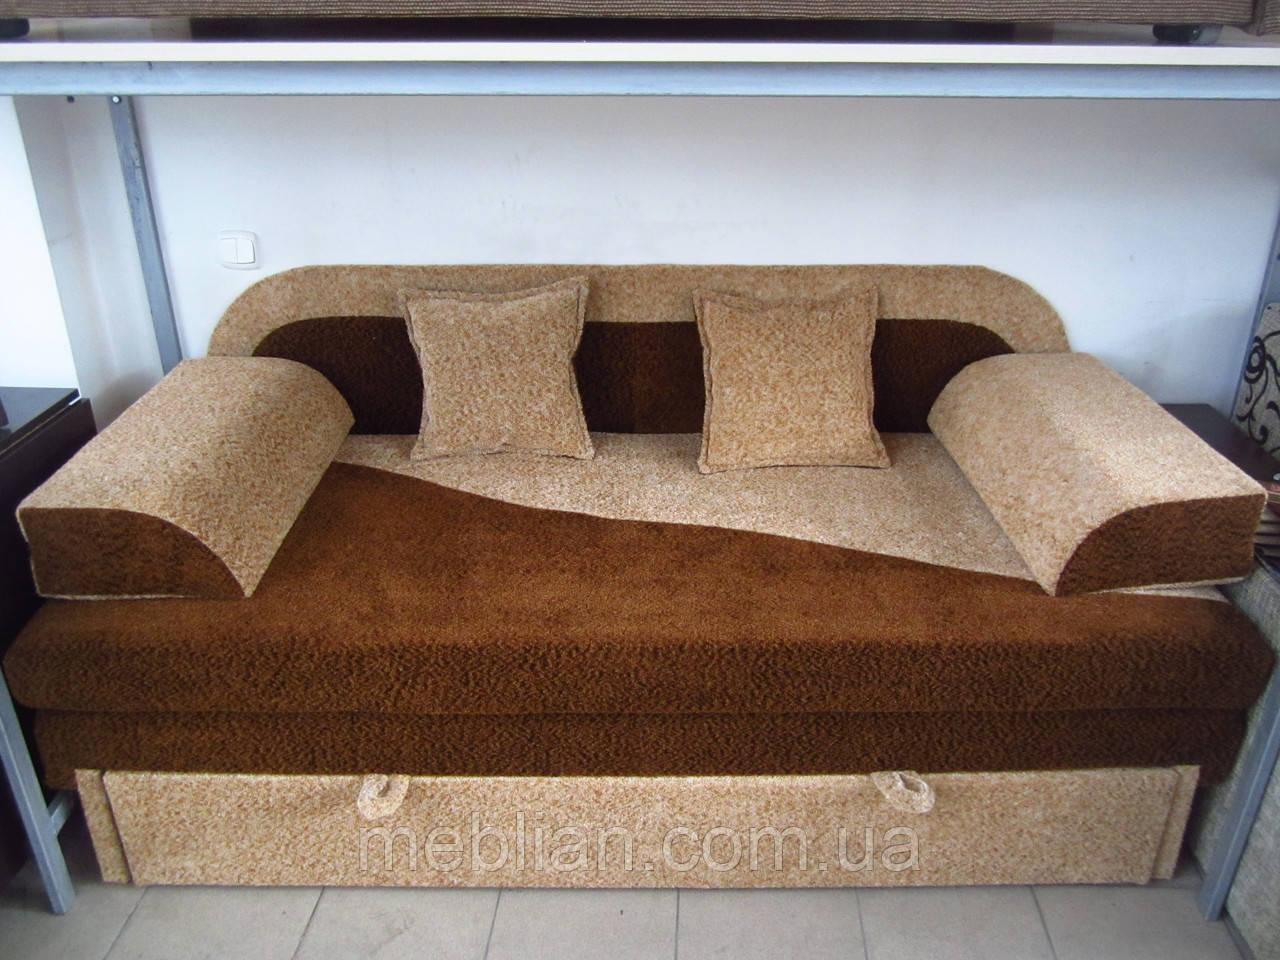 Купити диван